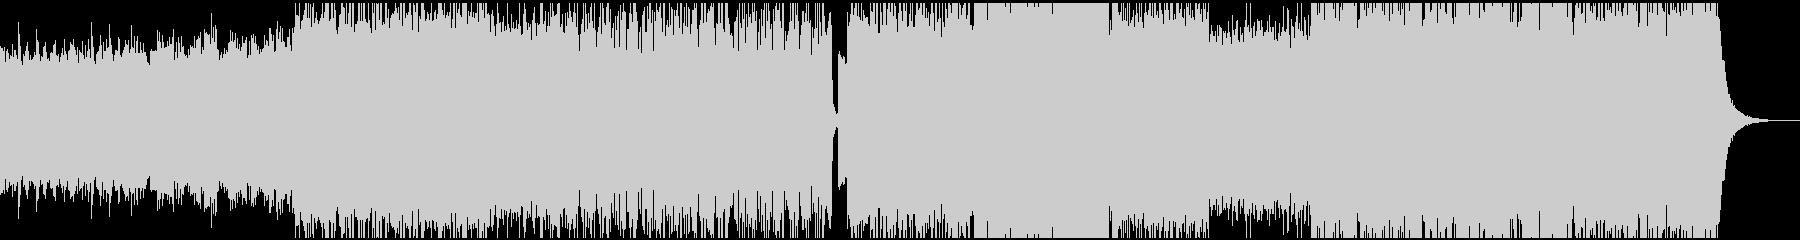 ケルト音楽民族音楽バグパイプの未再生の波形